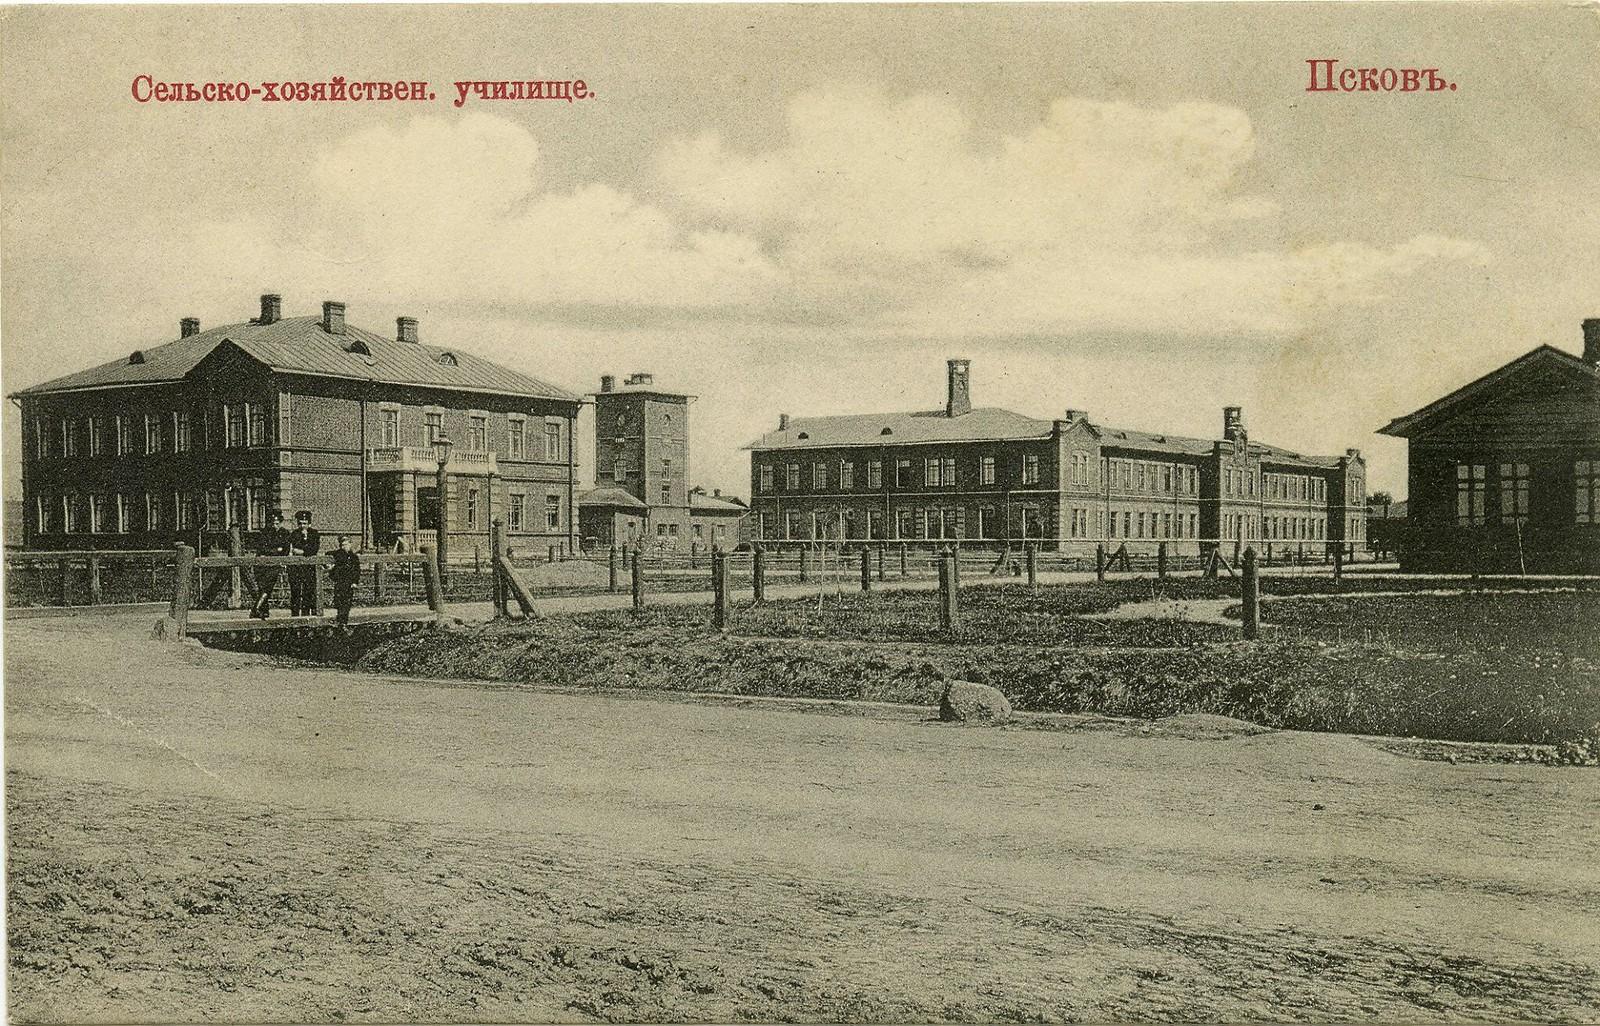 Сельскохозяйственное училище.